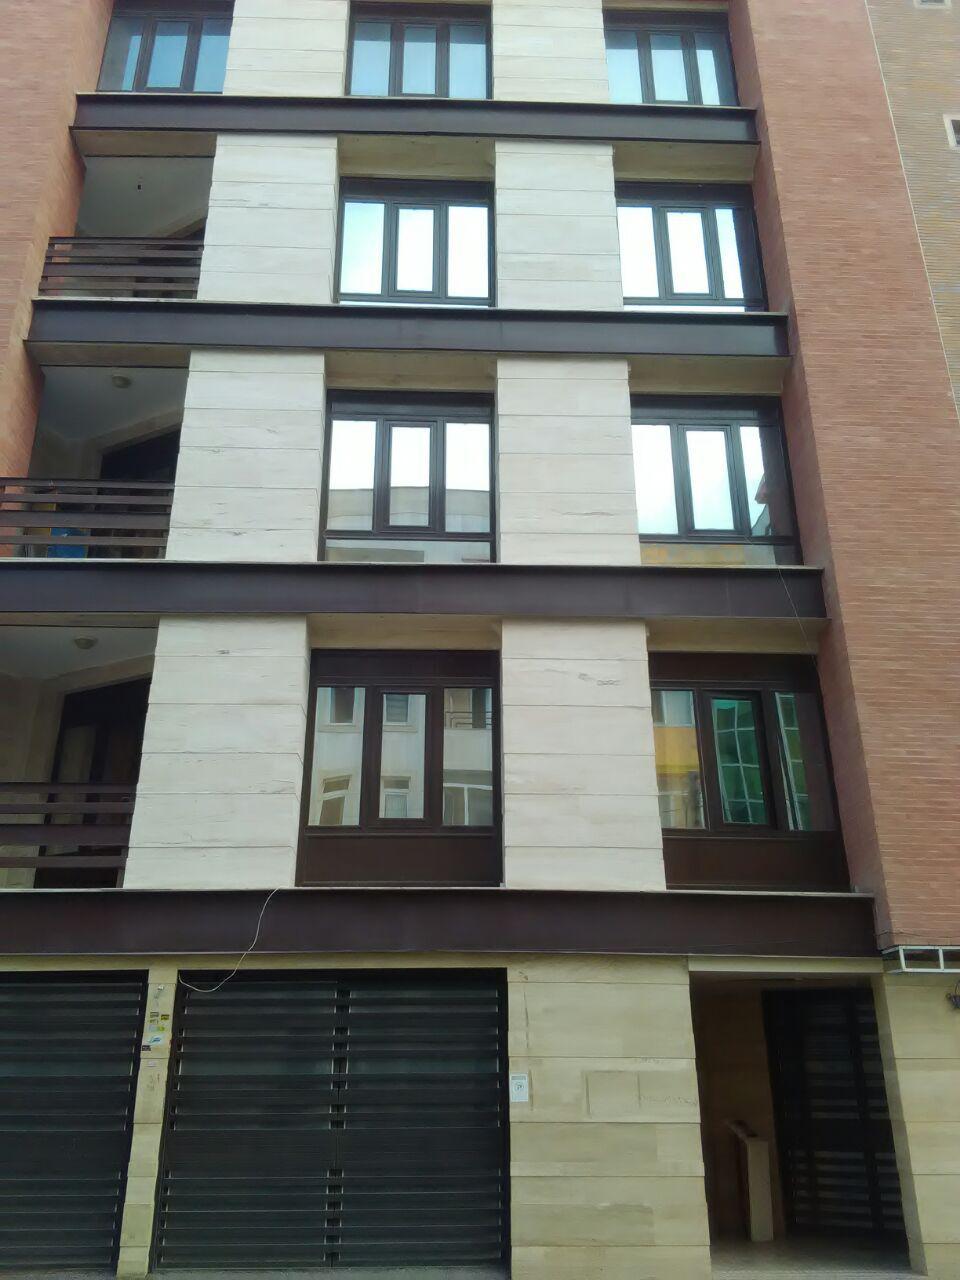 فروش  طبقه سه از آپارتمان چهار طبقه(هشت واحد) در شهرک آزادی